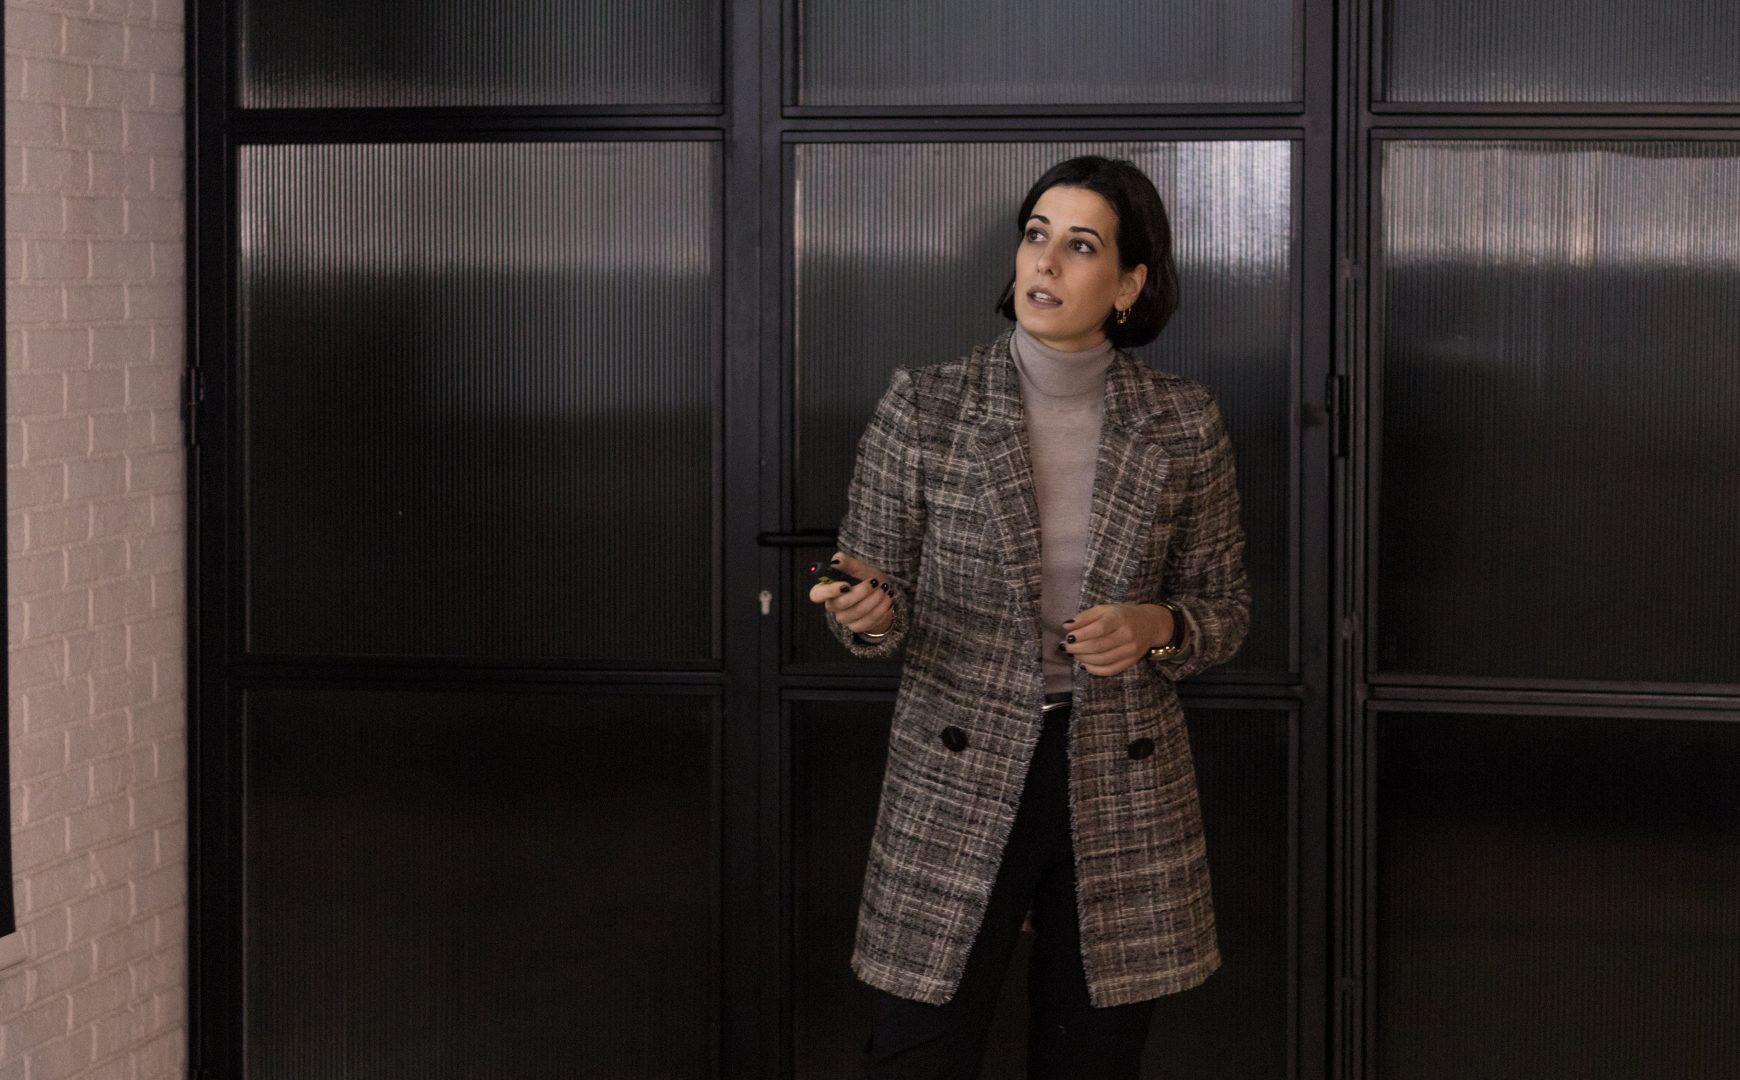 La doctora Ana Pardo da una conferencia en Aligners Academy